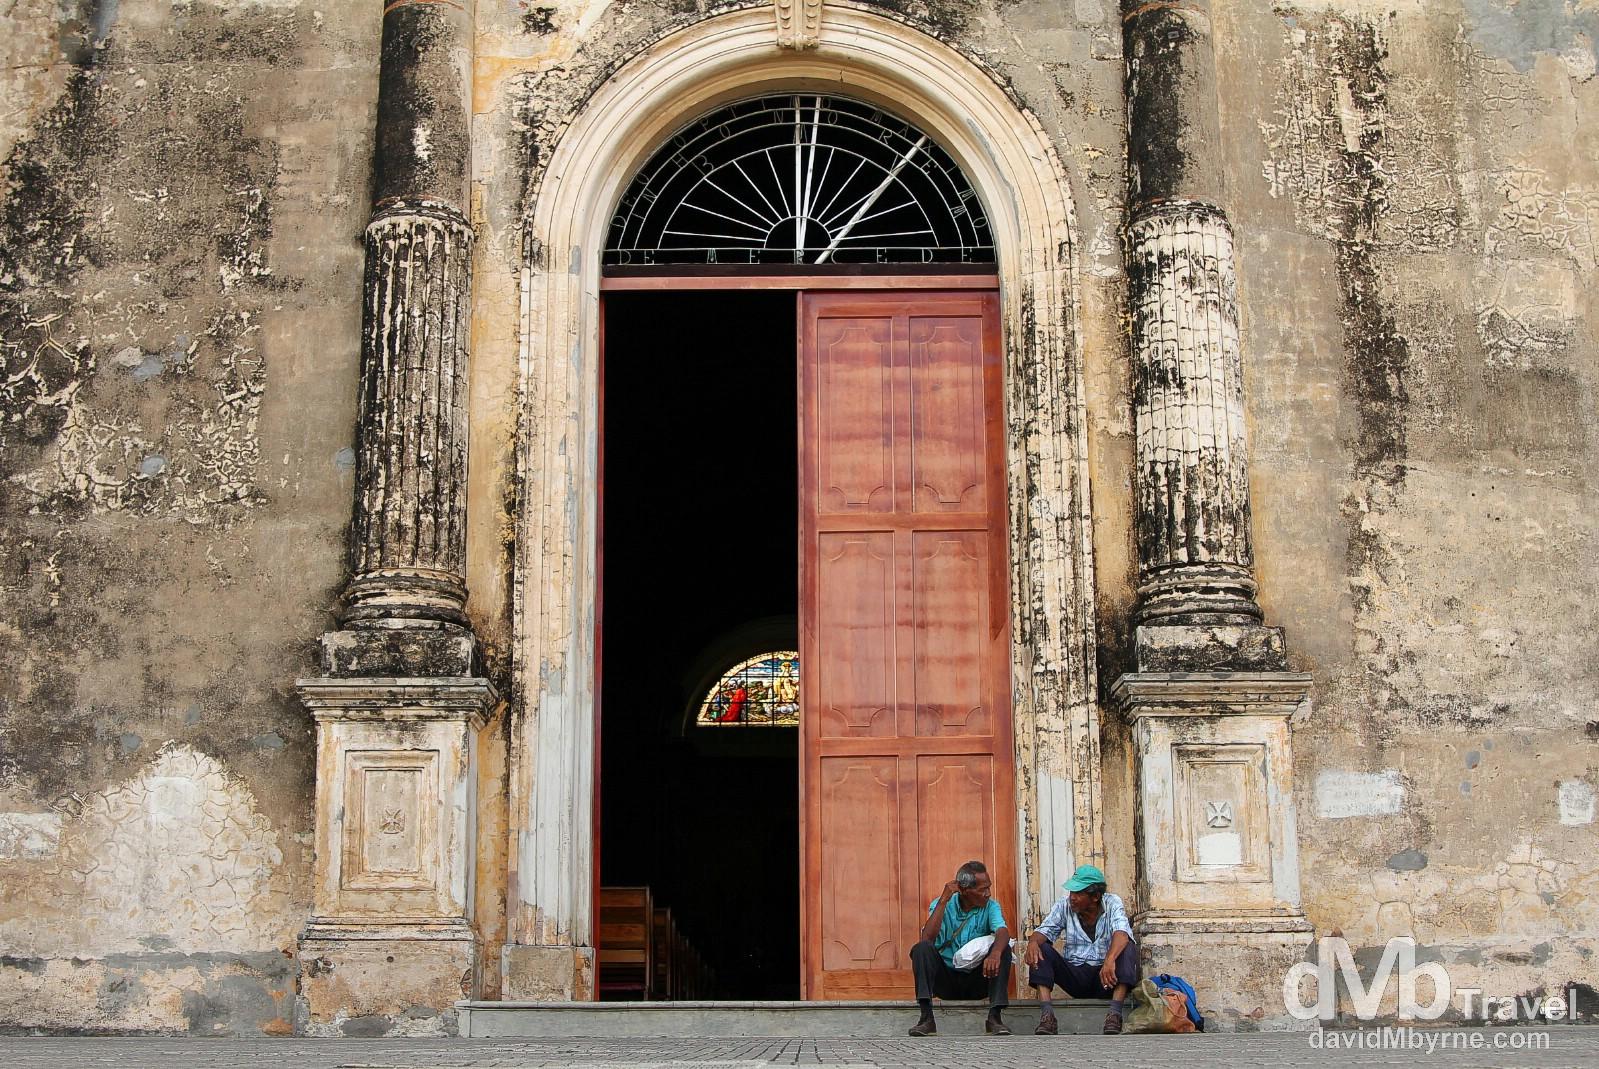 Sitting outside the 1539 Iglesia de la Merced, Granada, Nicaragua. June 18th 2013.